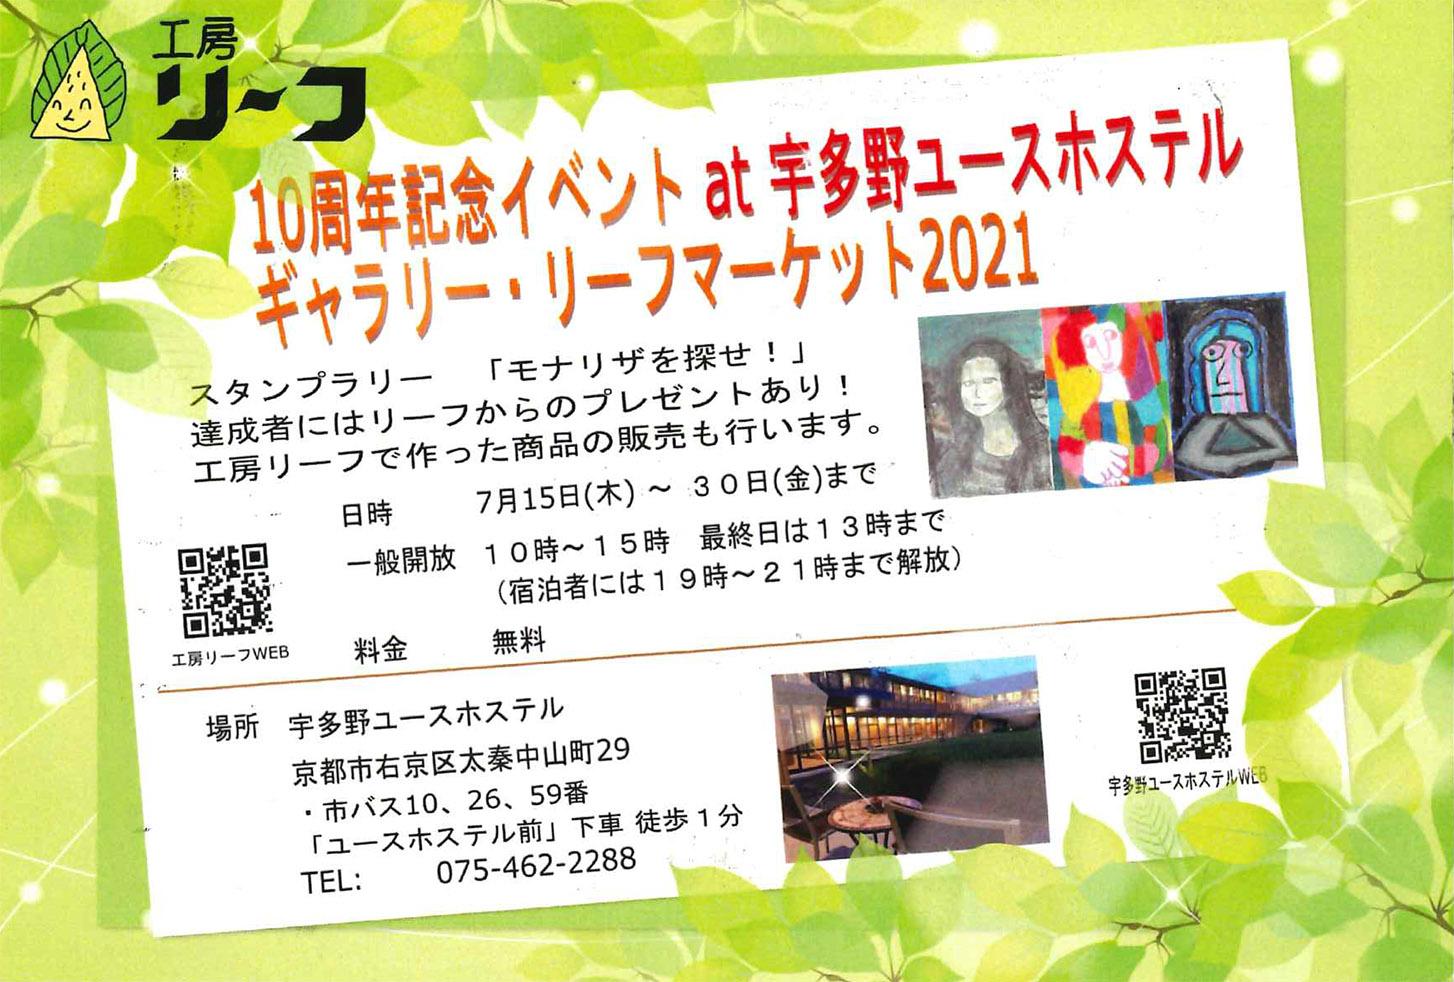 工房リーフ10周年記念イベント at 宇多野ユースホステル ギャラリー・リーフマーケット2021